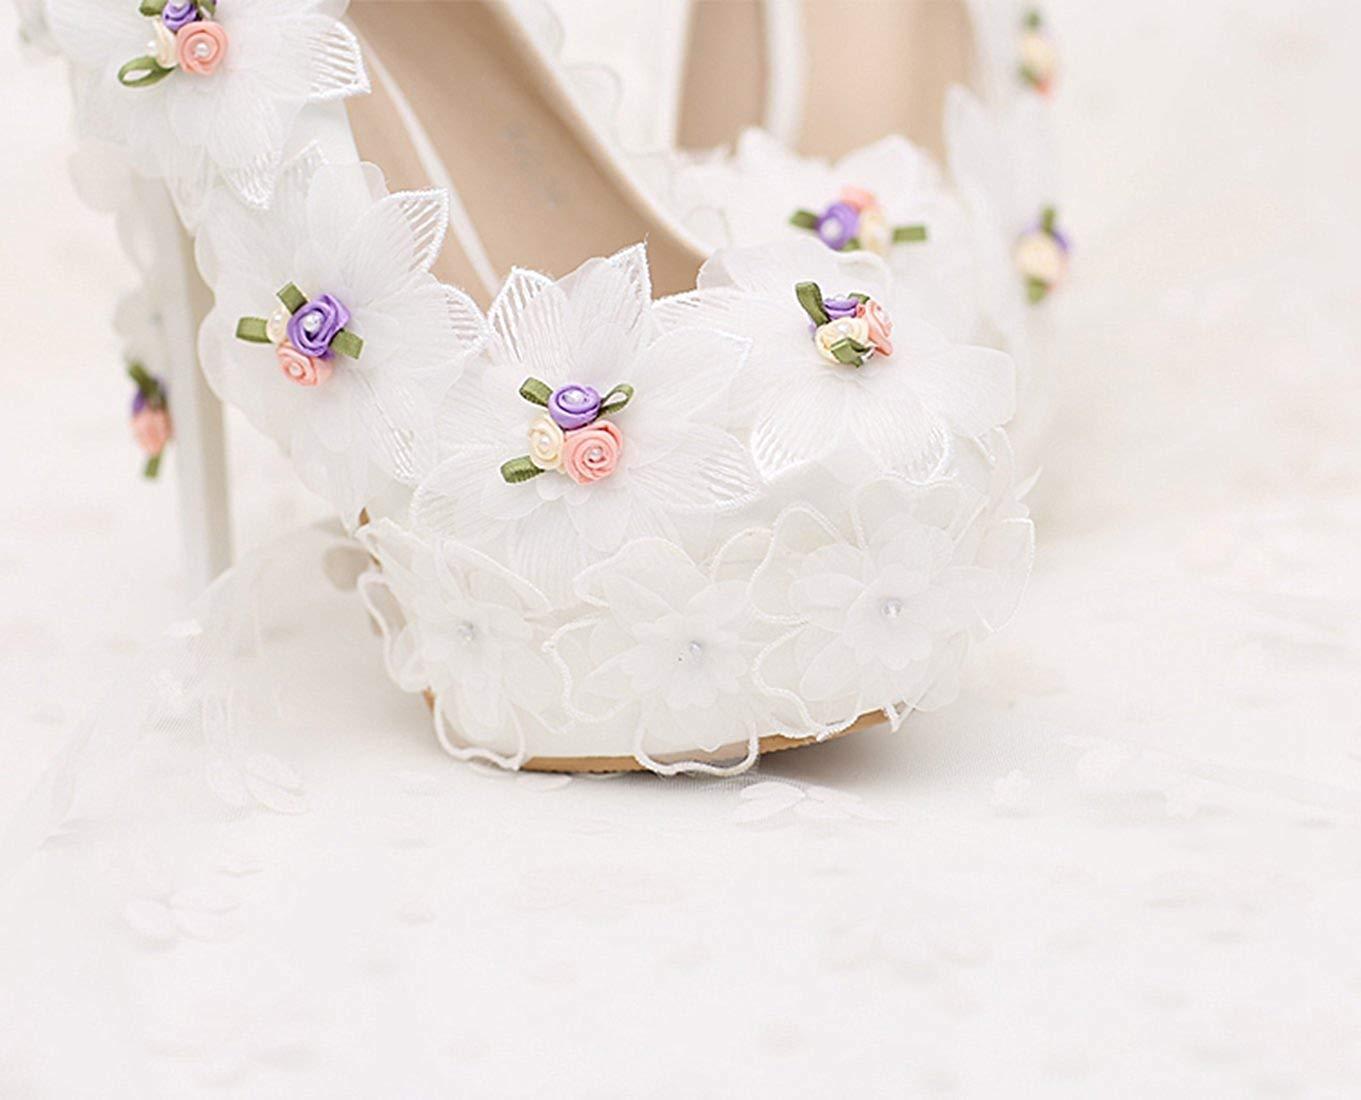 HhGold Damen Damen Damen Versteckte Hohe Plattform Stiletto Heels Weiße Braut Hochzeit Pumps mit Blaumen UK 5 (Farbe   -, Größe   -) a2eef2